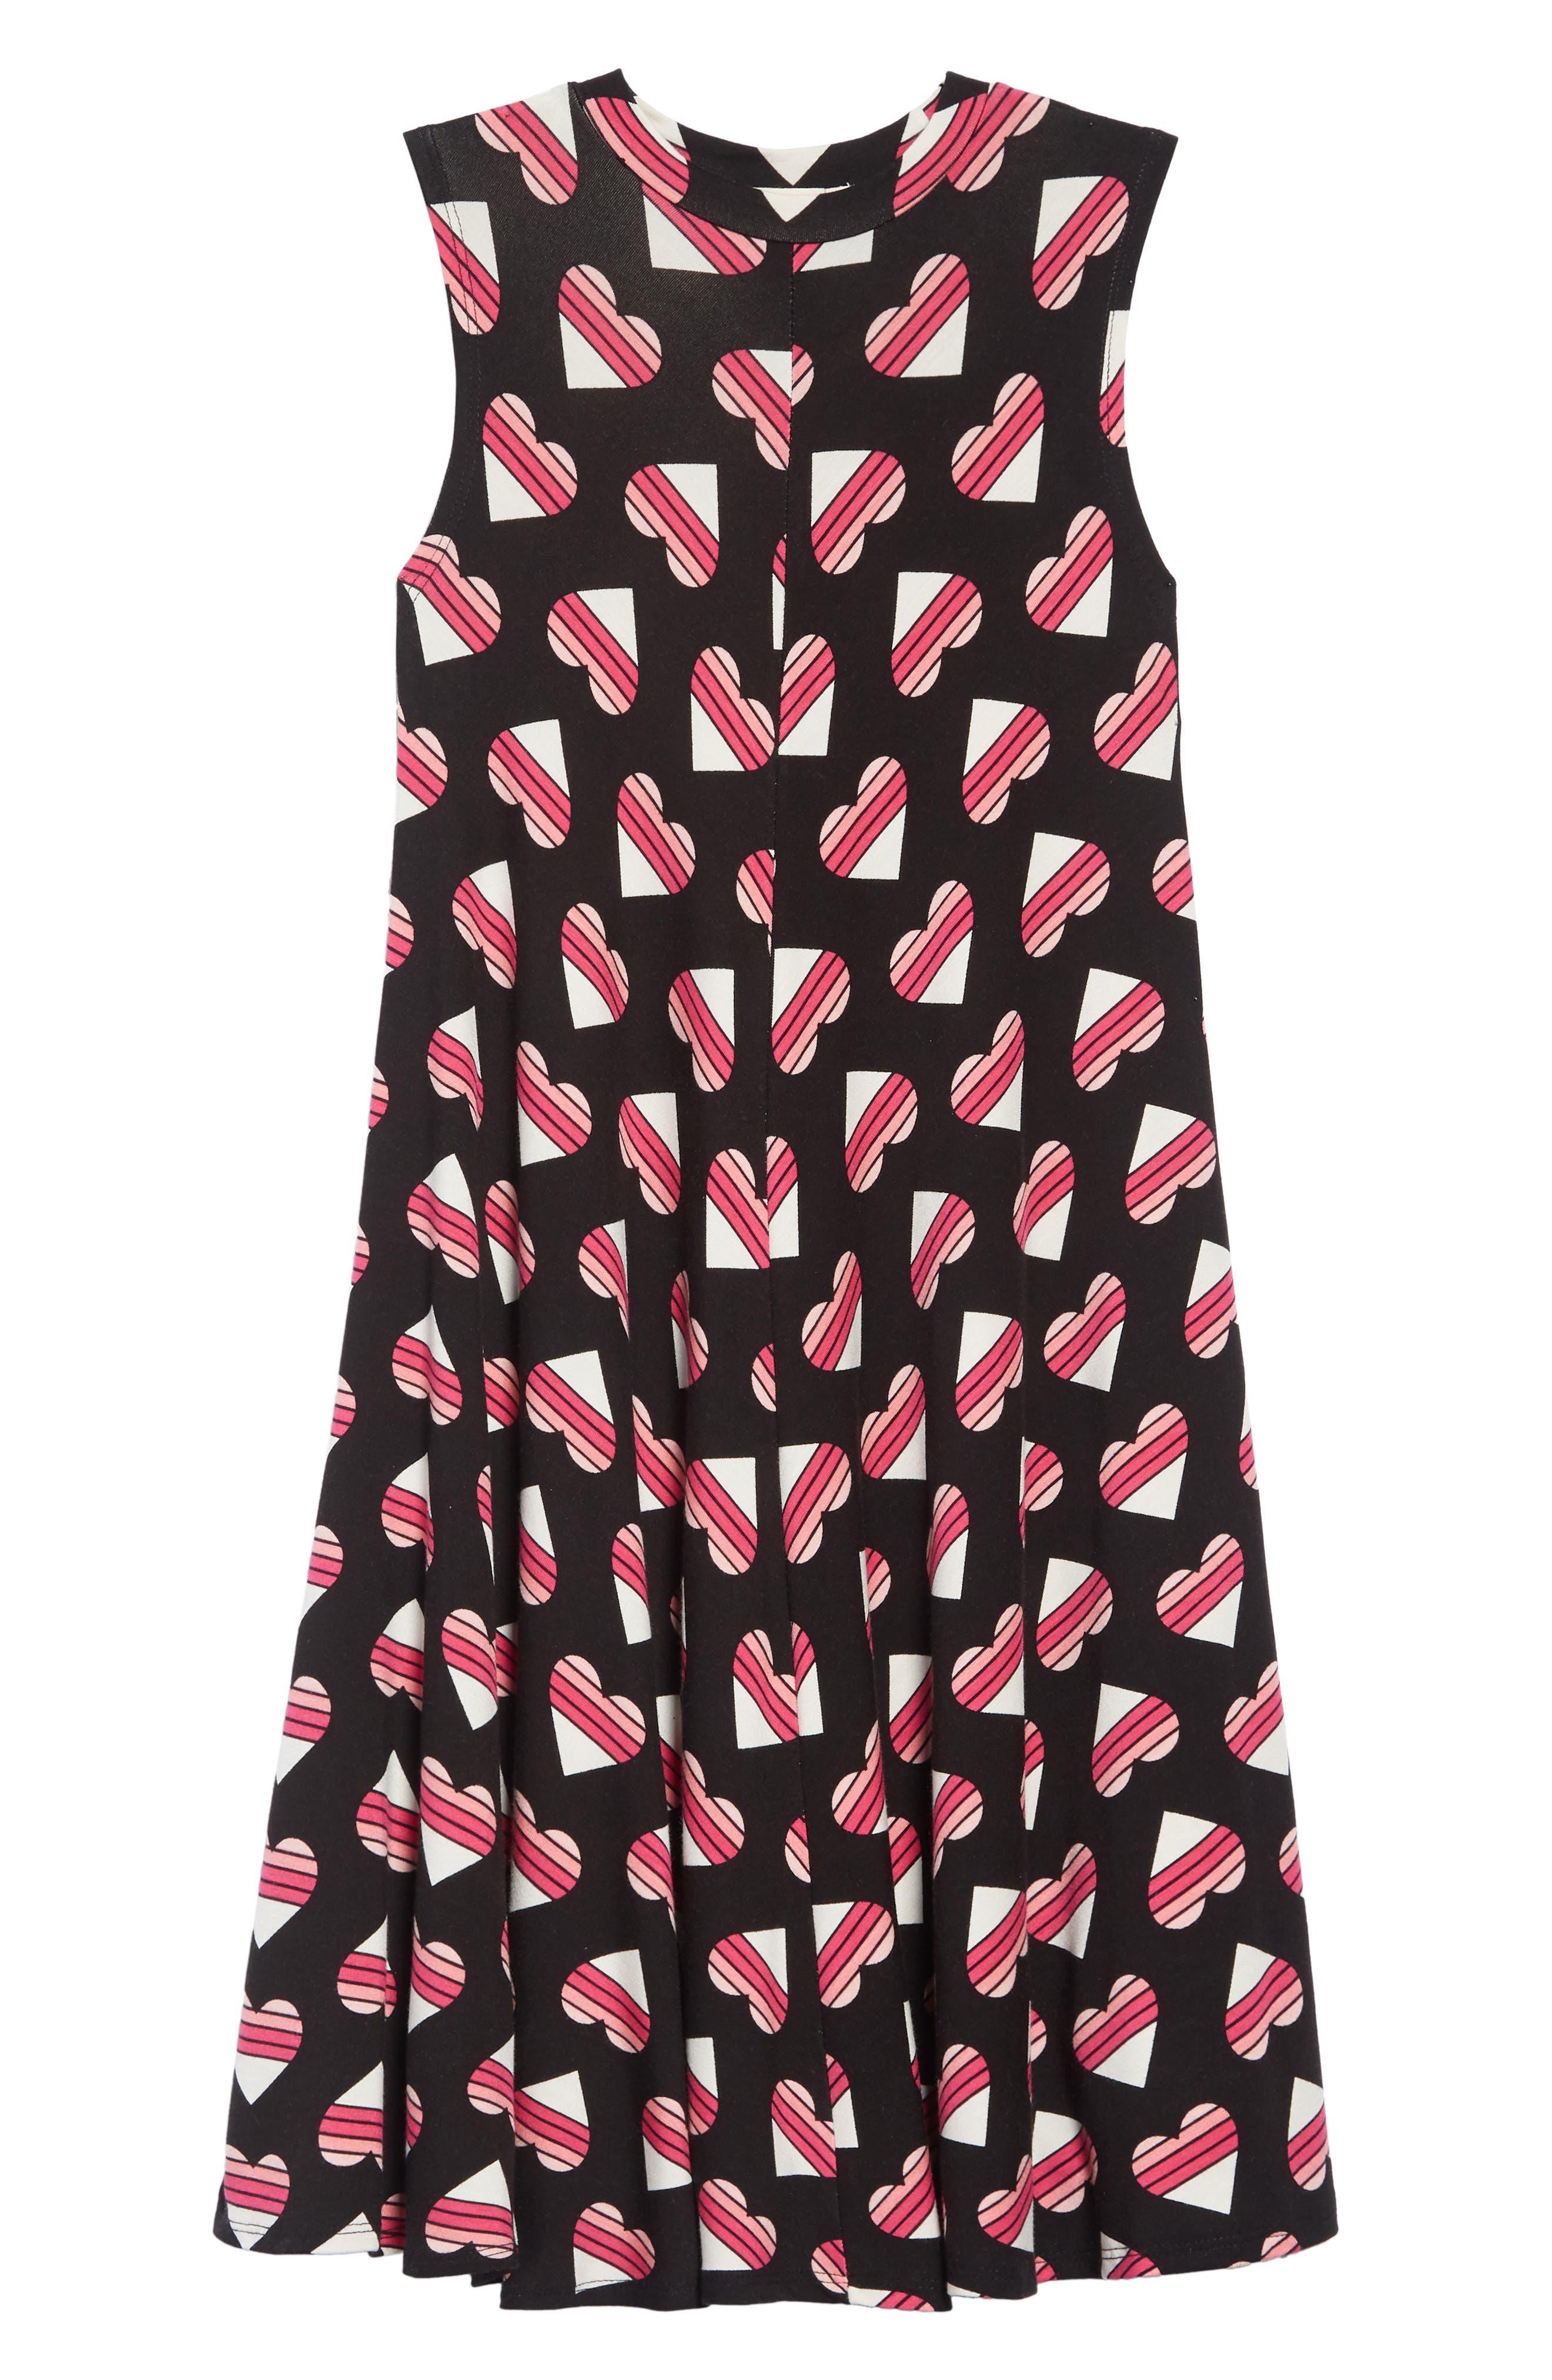 TUCKER + TATE,                             Print Sleeveless Knit Dress,                             Main thumbnail 1, color,                             BLACK MULTI HEARTBREAKER